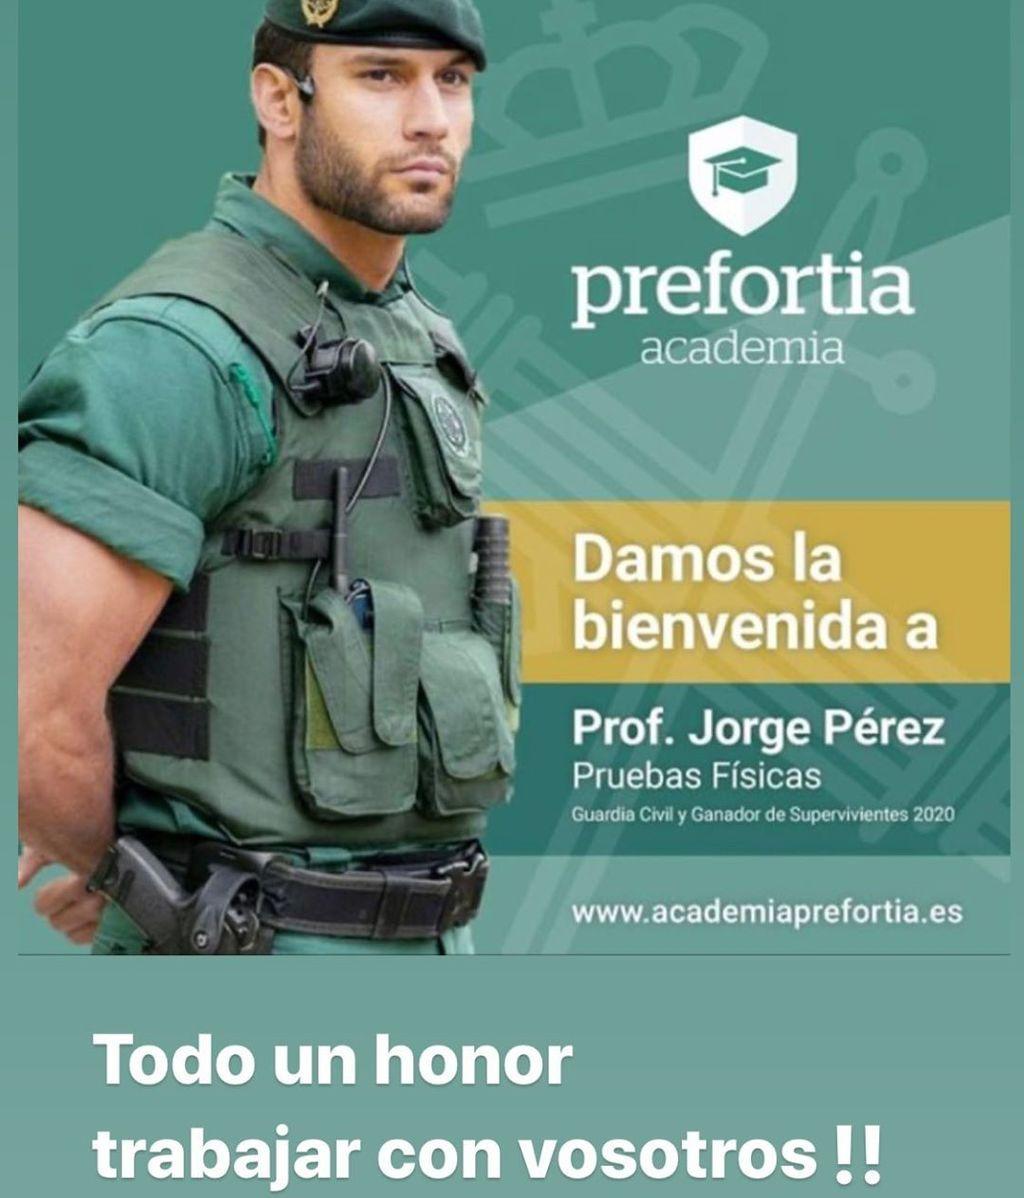 El nuevo trabajo de Jorge Pérez